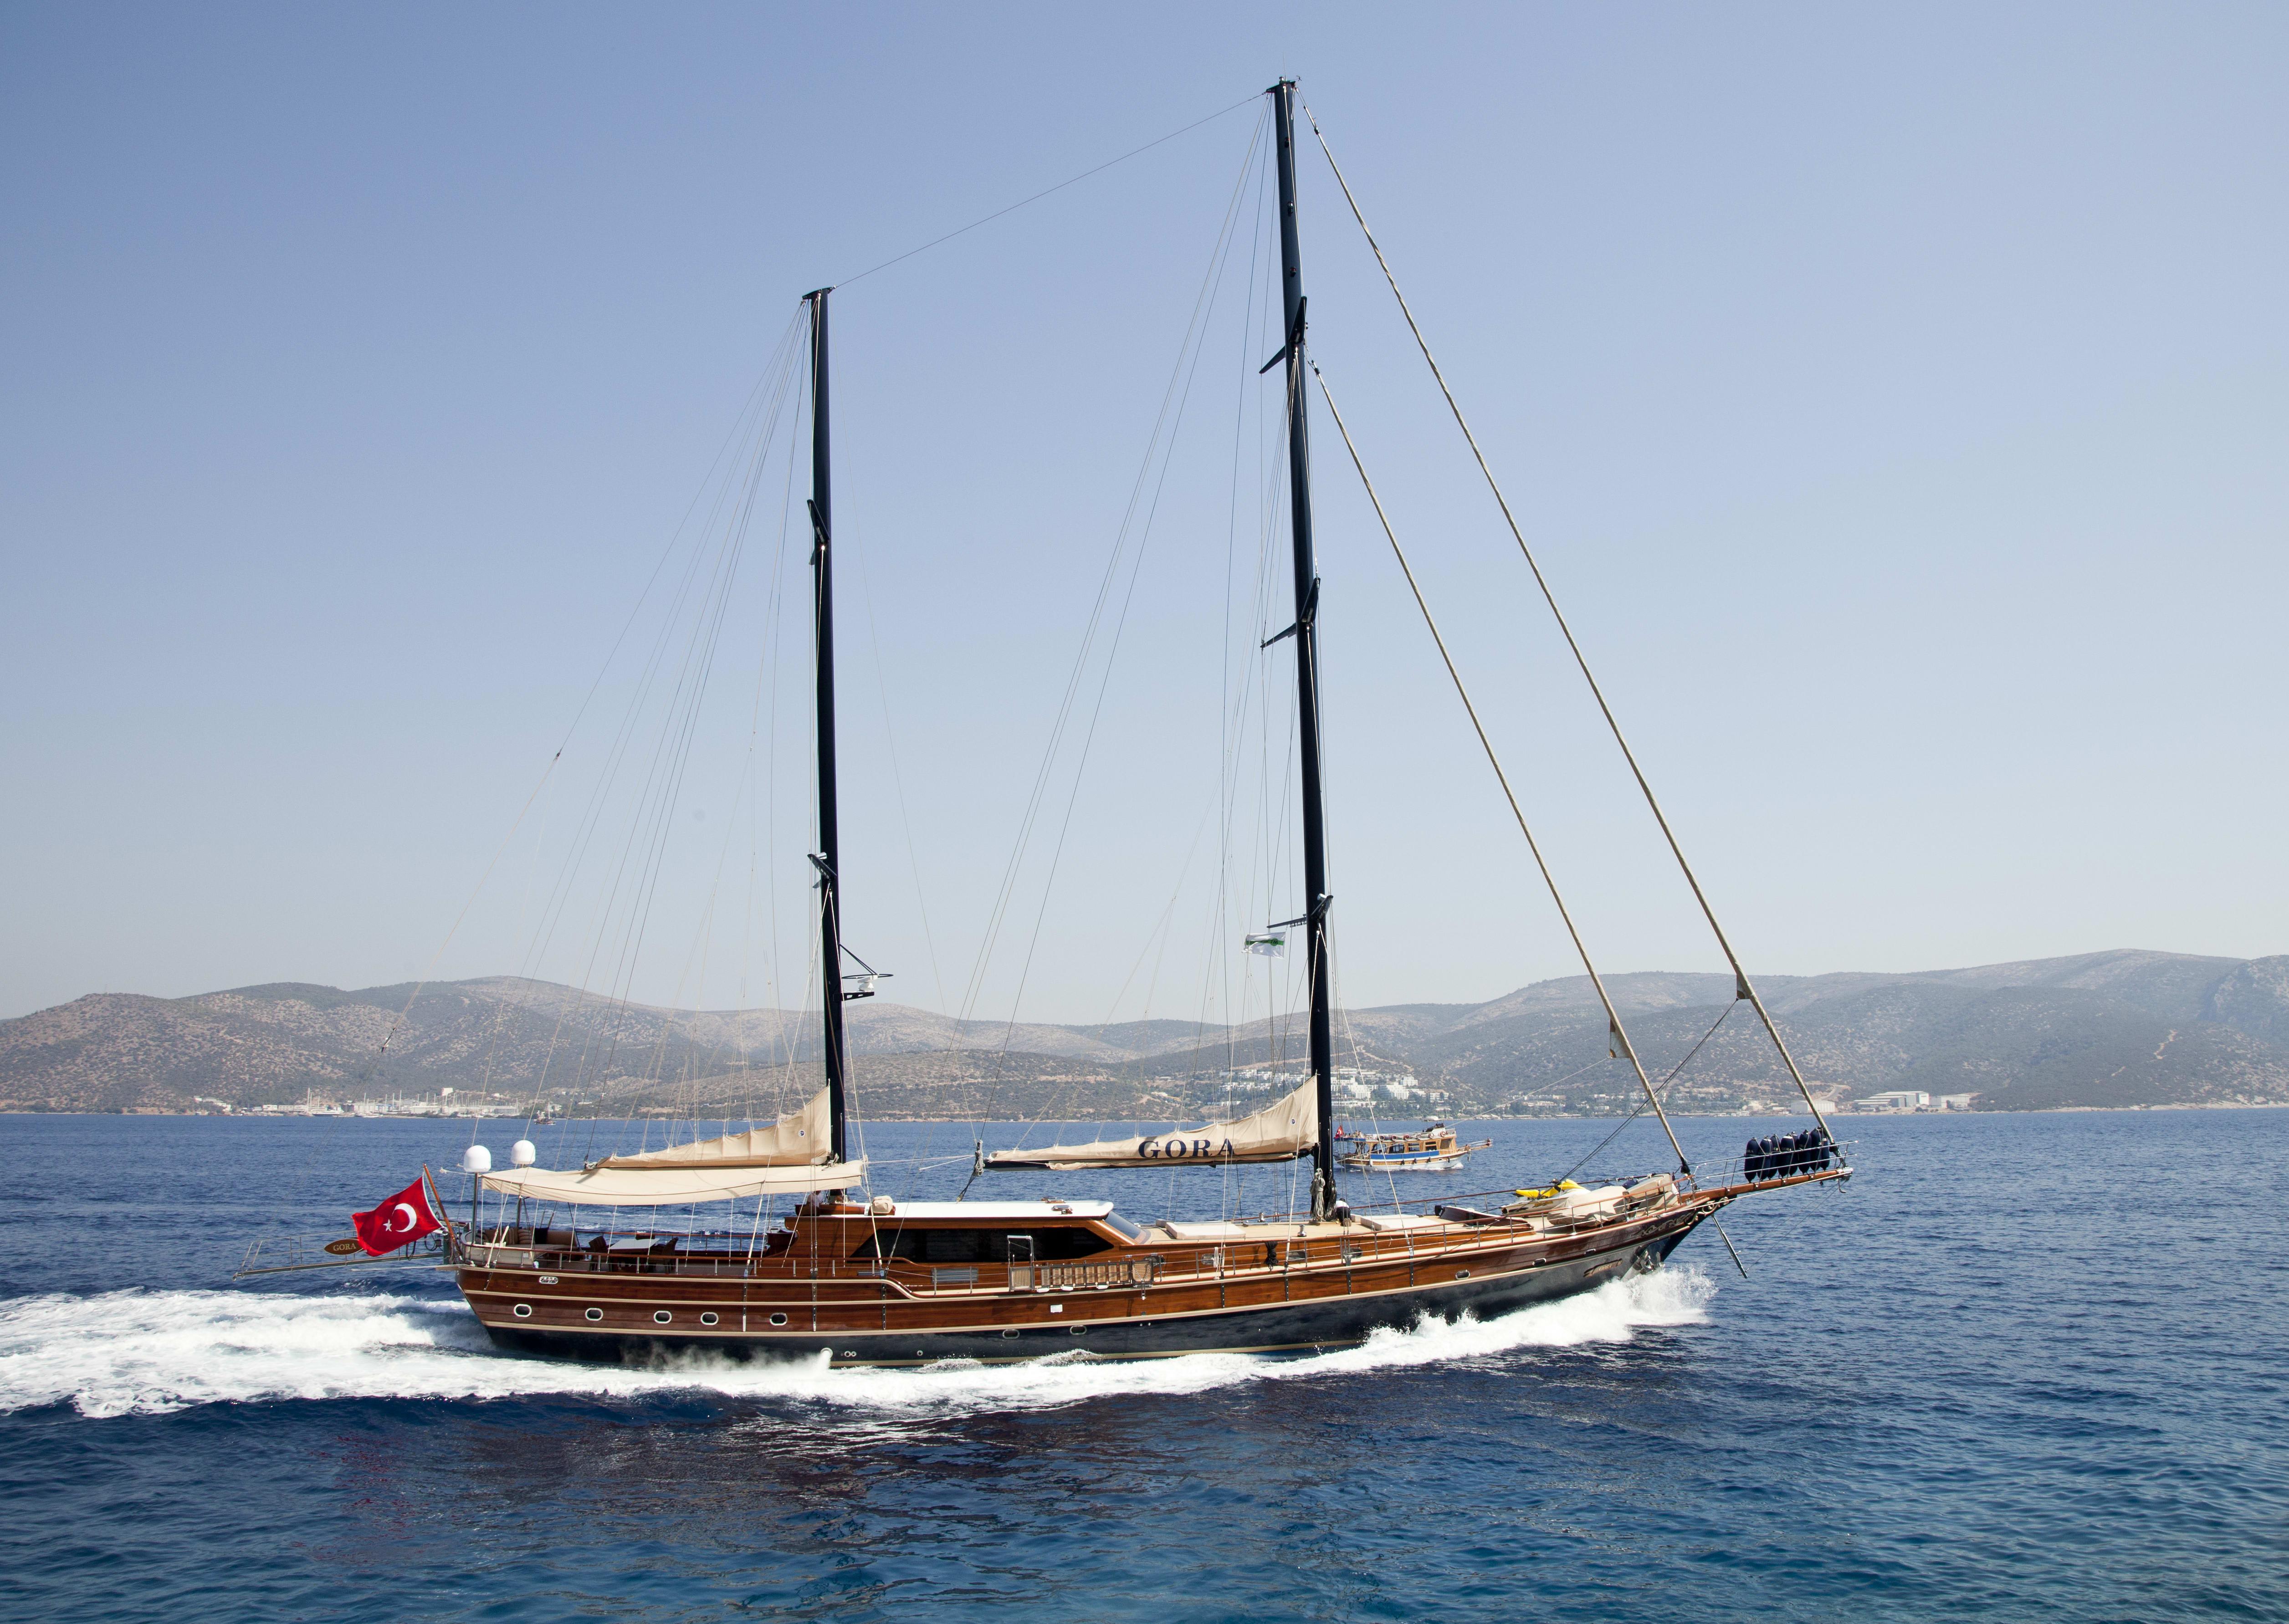 Image of Gora 38.2M (125.3FT) sailing yacht